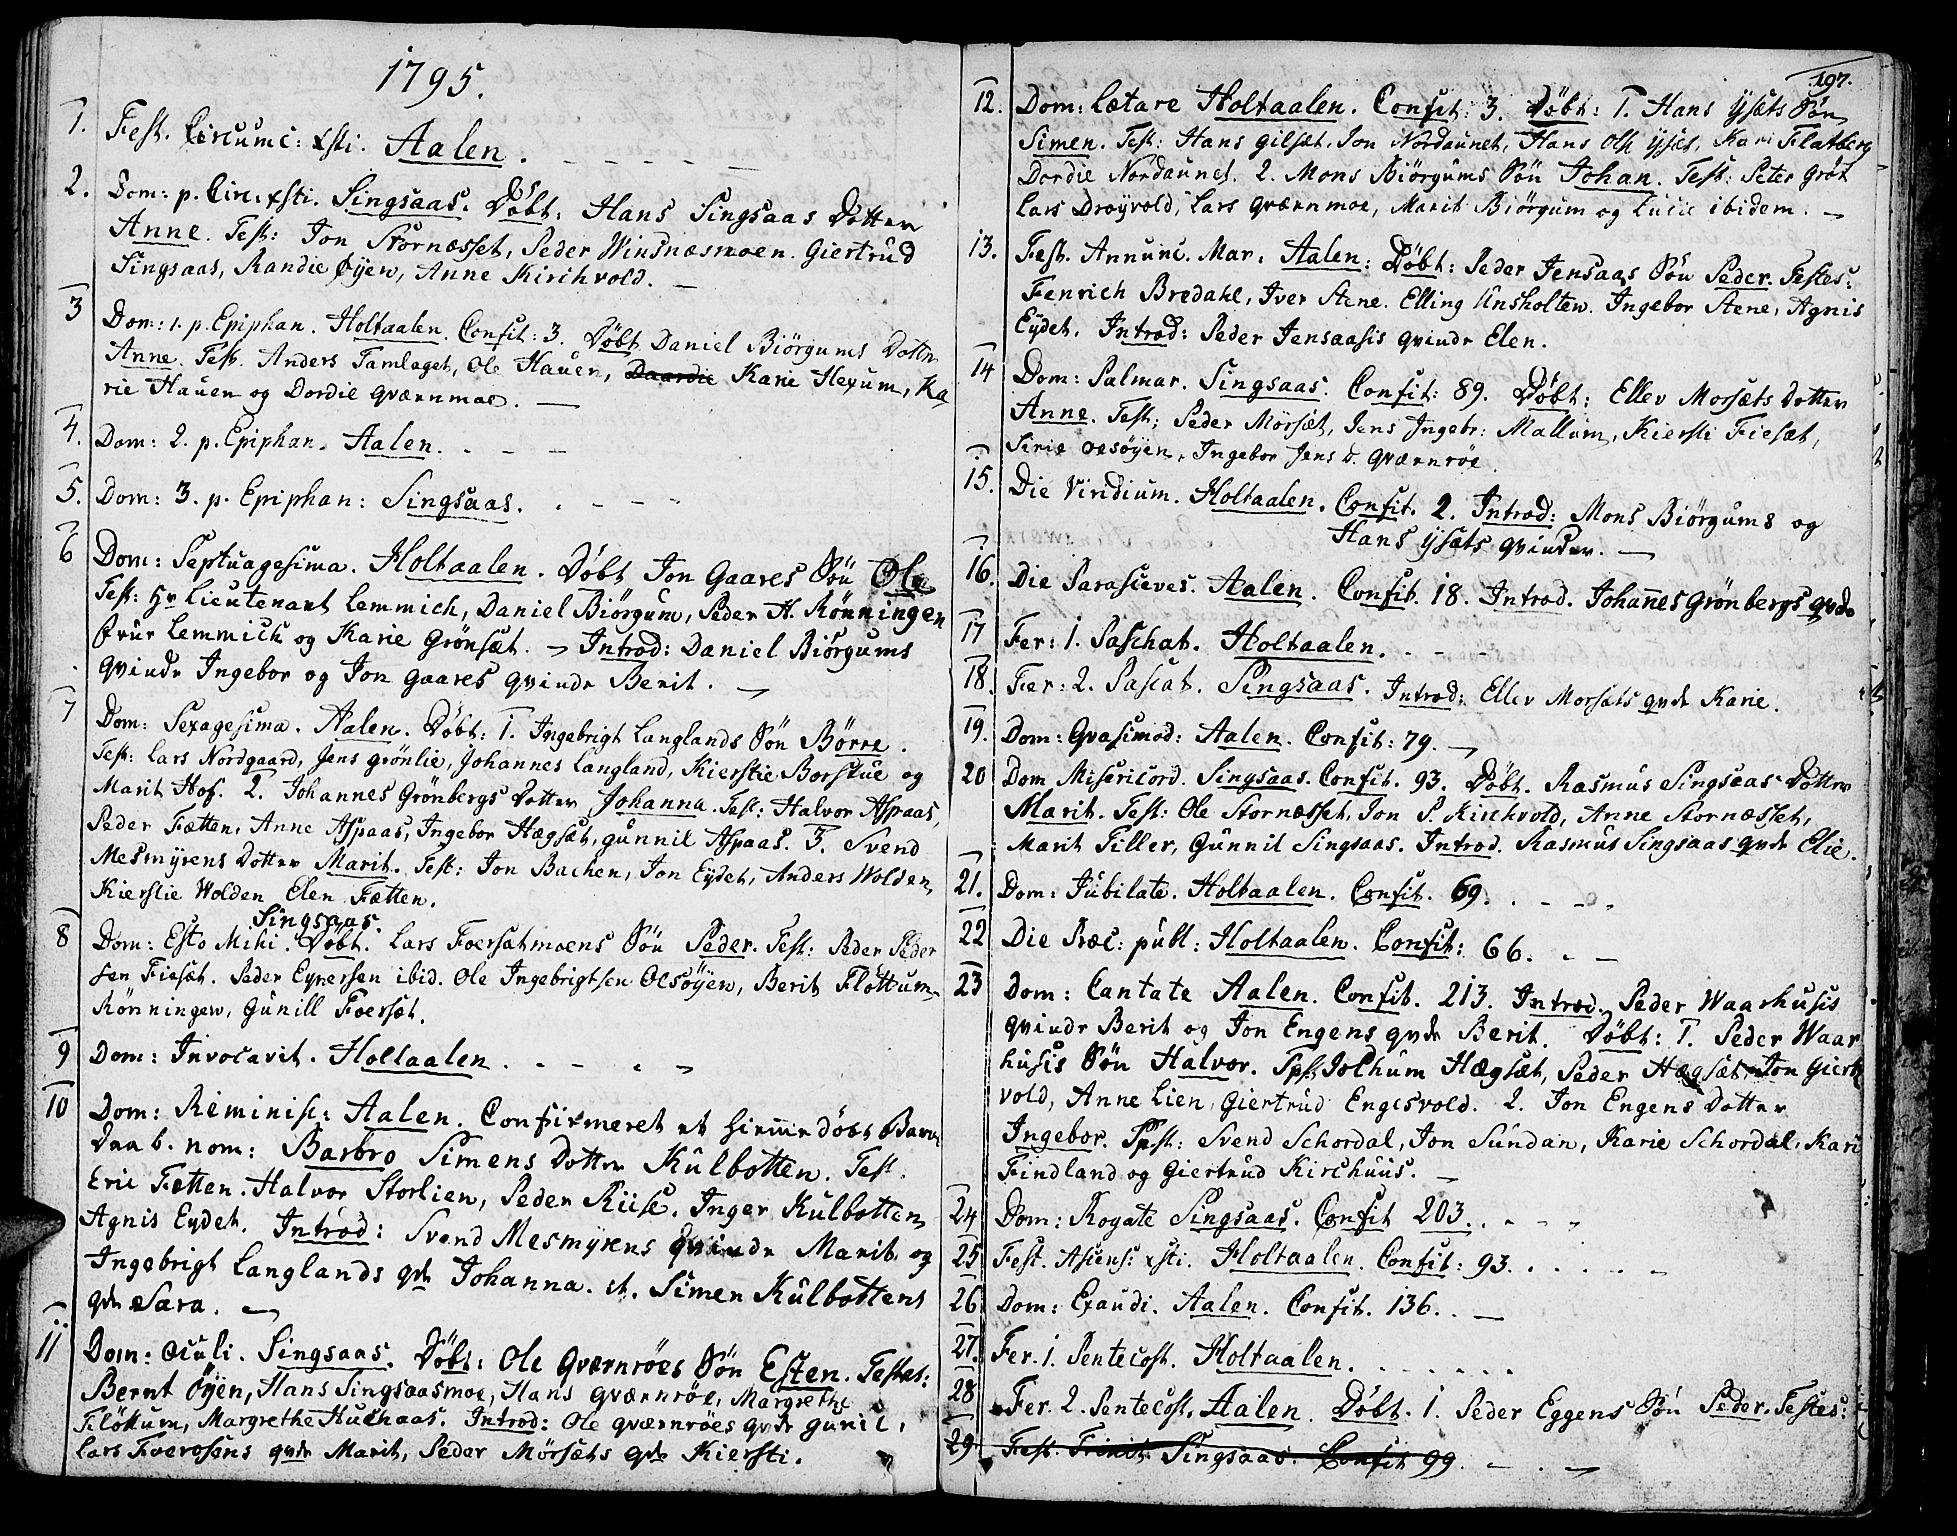 SAT, Ministerialprotokoller, klokkerbøker og fødselsregistre - Sør-Trøndelag, 685/L0952: Ministerialbok nr. 685A01, 1745-1804, s. 197